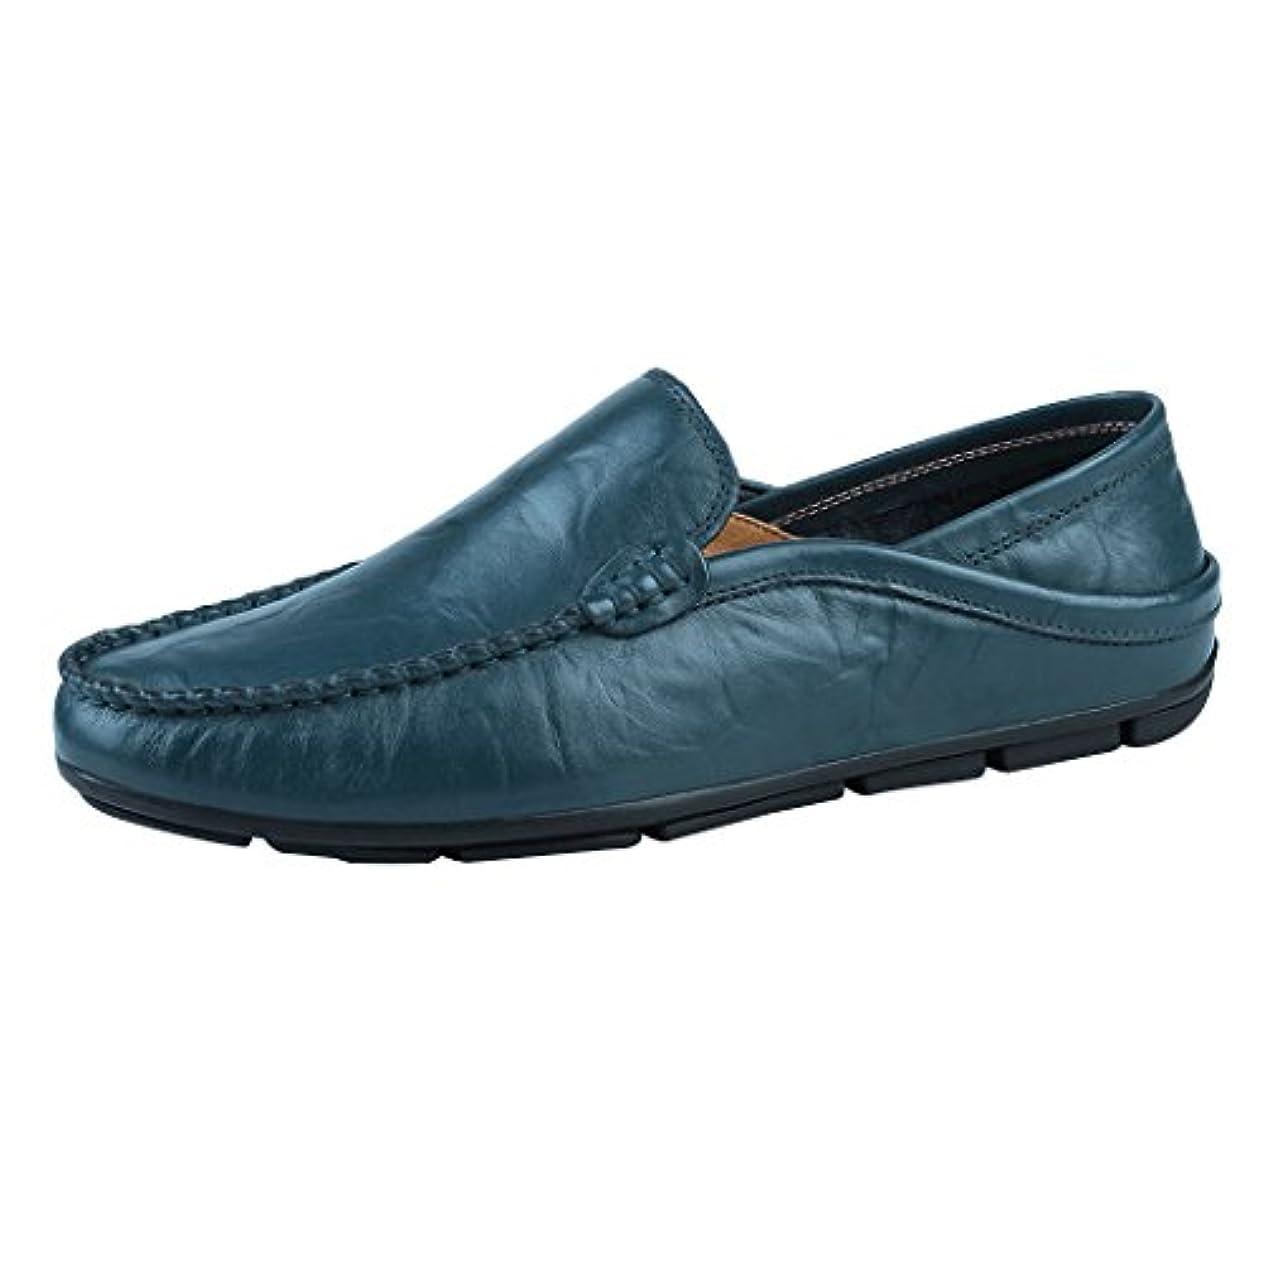 フローティングベスト船上BANKIKU (バンキク) メンズ スリッポン 男性用 ドライビングシューズ かかとが踏める ファッション 柔らかい 通気性良い 透かし彫り 歩きやすい 男の子 ローファー 紳士靴 ビジネス 23-29cm